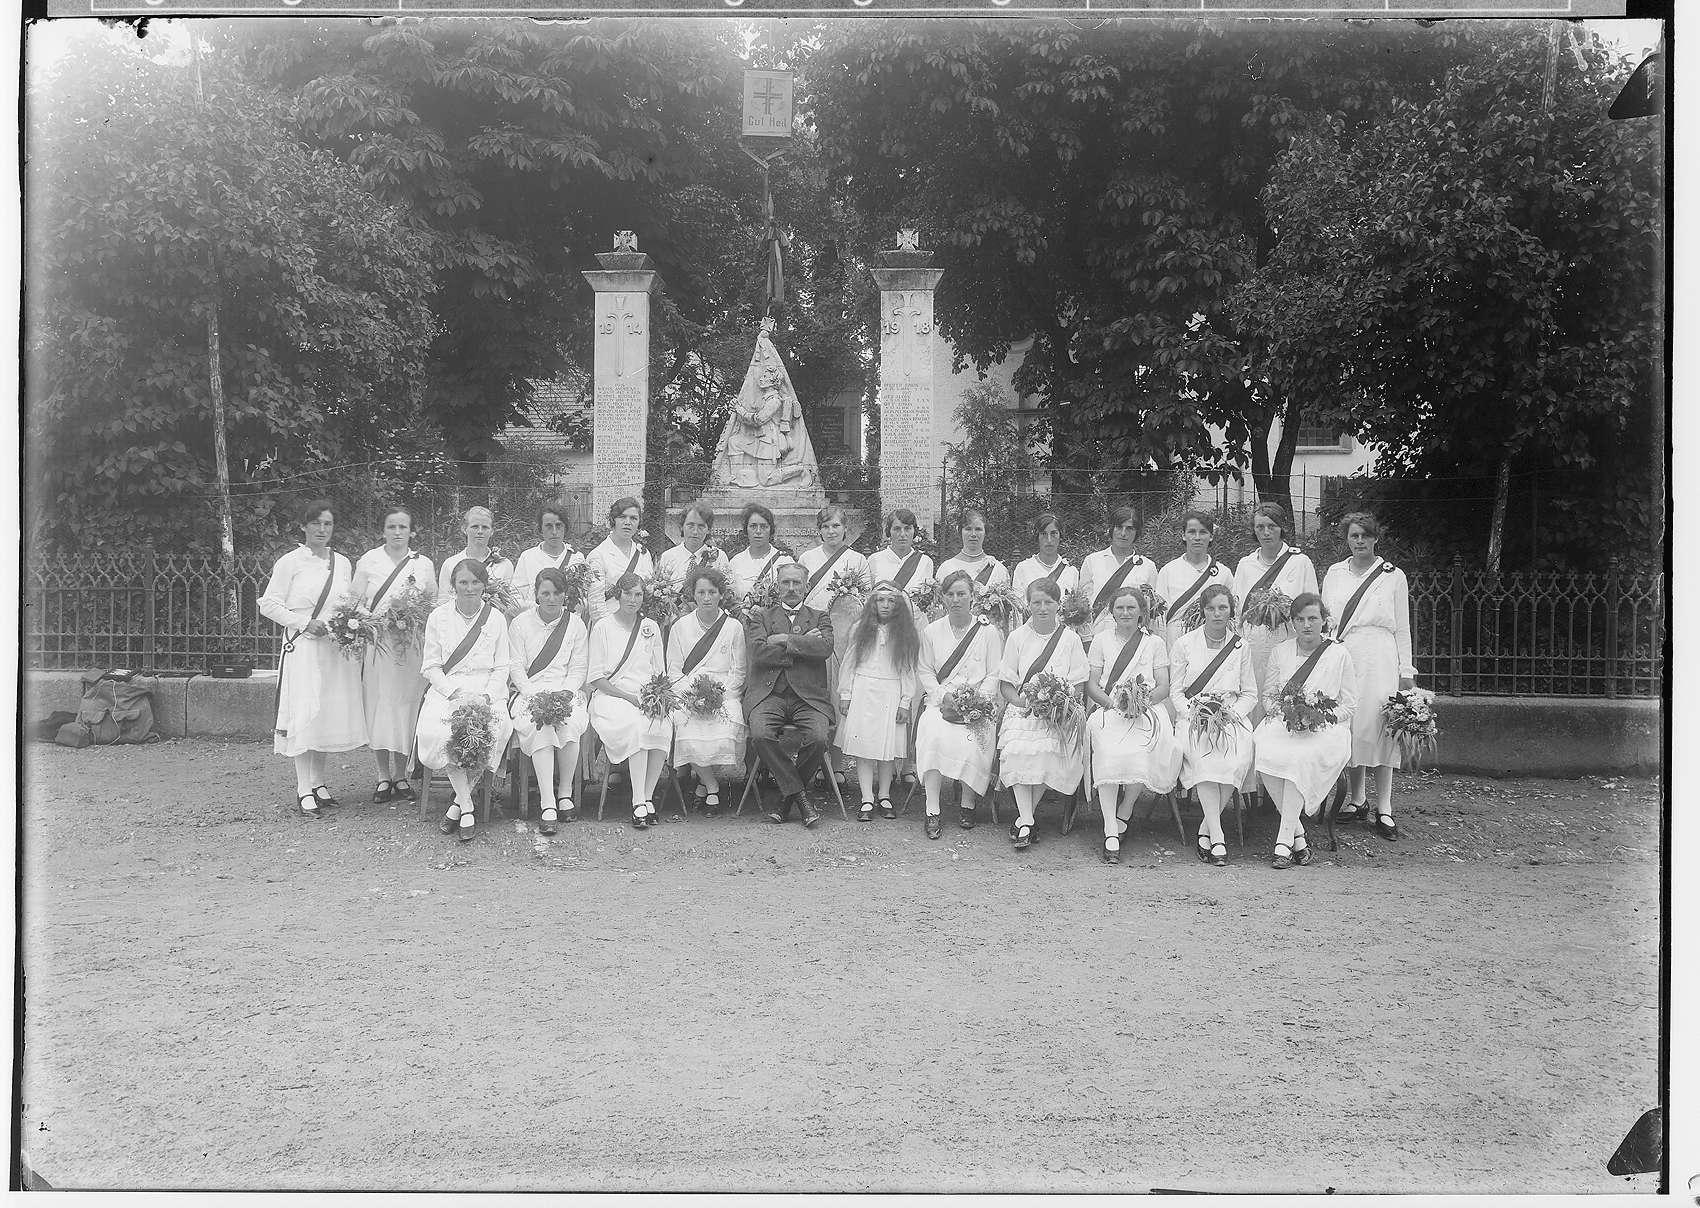 25jähriges Stiftungsjubiläum des Turn- und Sportvereins Steinhilben; Frauengruppe vor dem Kriegerdenkmal, Bild 1